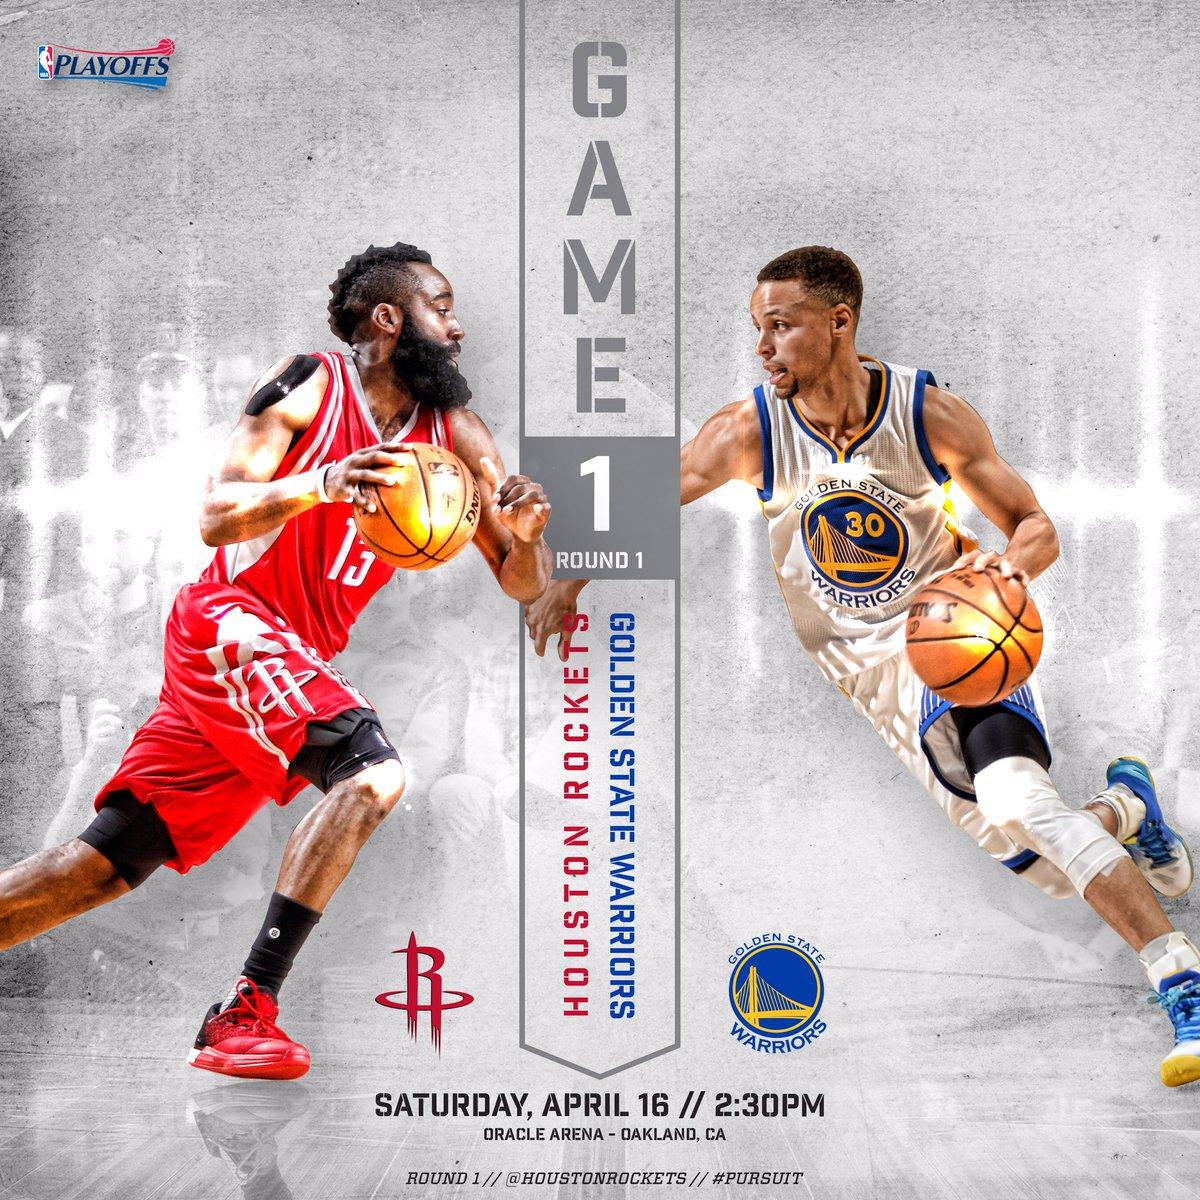 """Houston Rockets On Twitter: """"Round 1. Game 1. #NBAPlayoffs"""